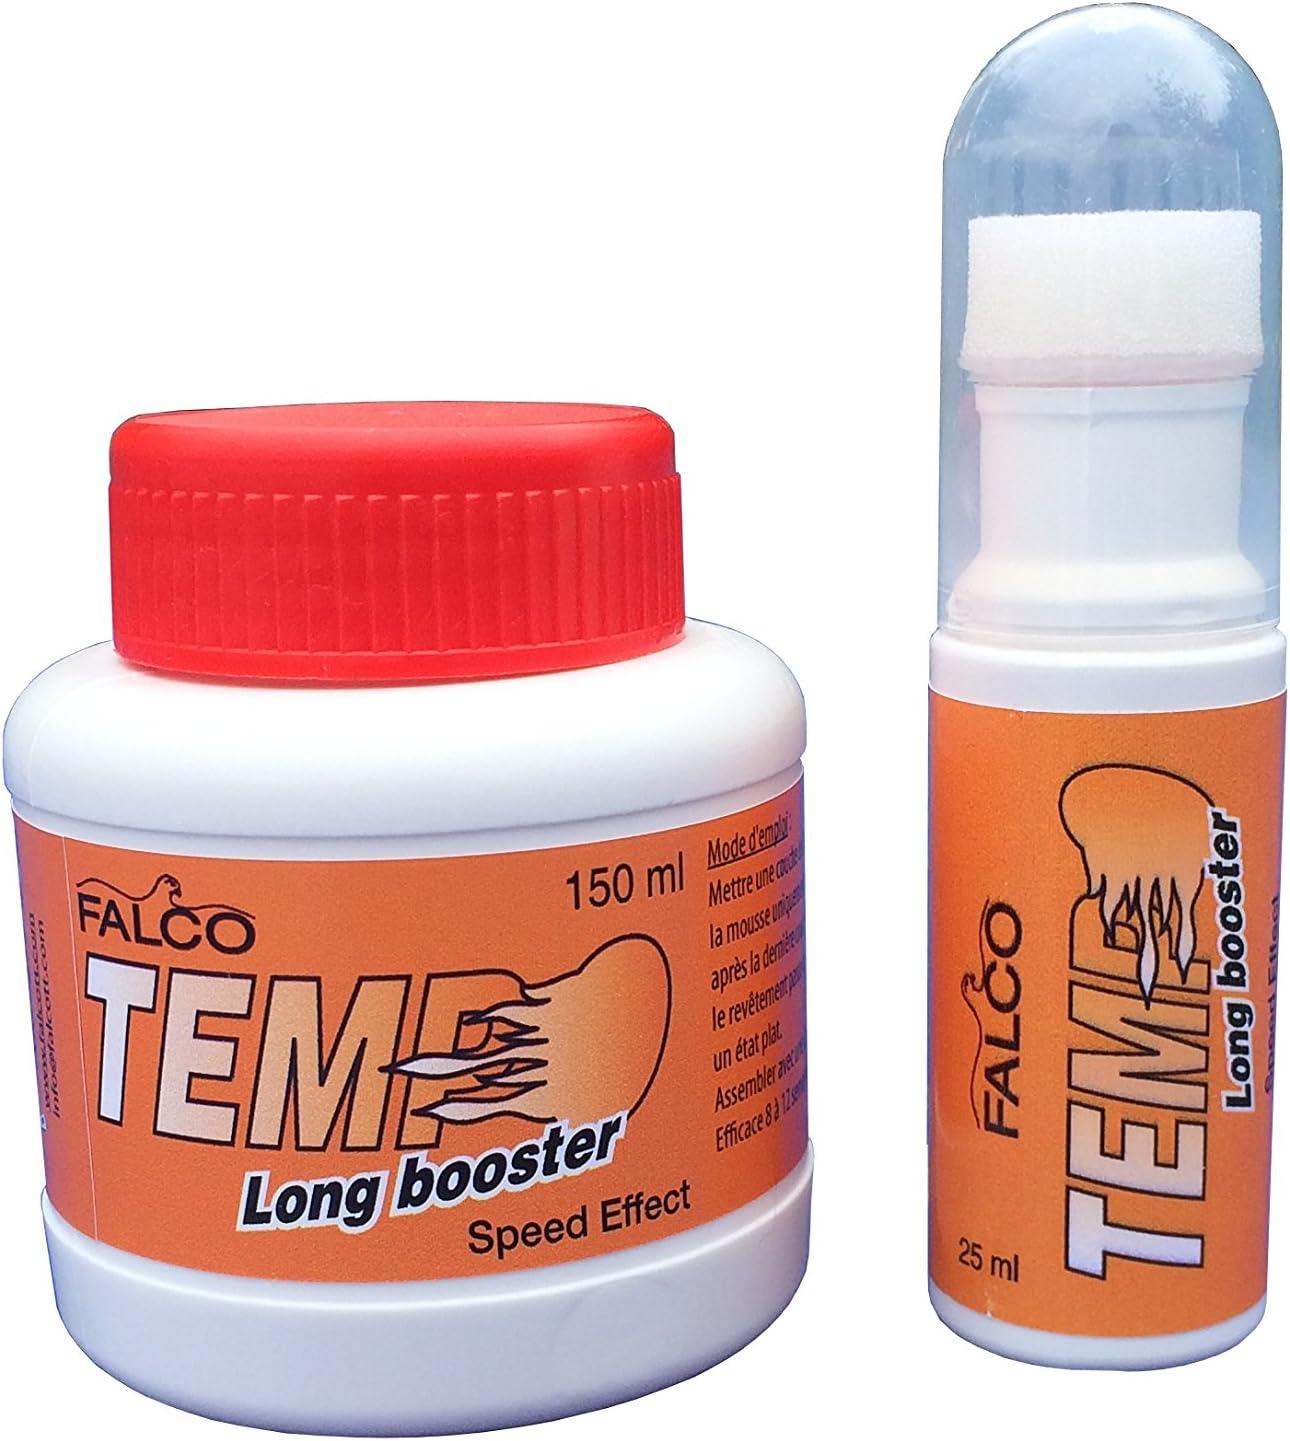 Falco Tempo Largo Plazo Tenis de Mesa Caucho Booster